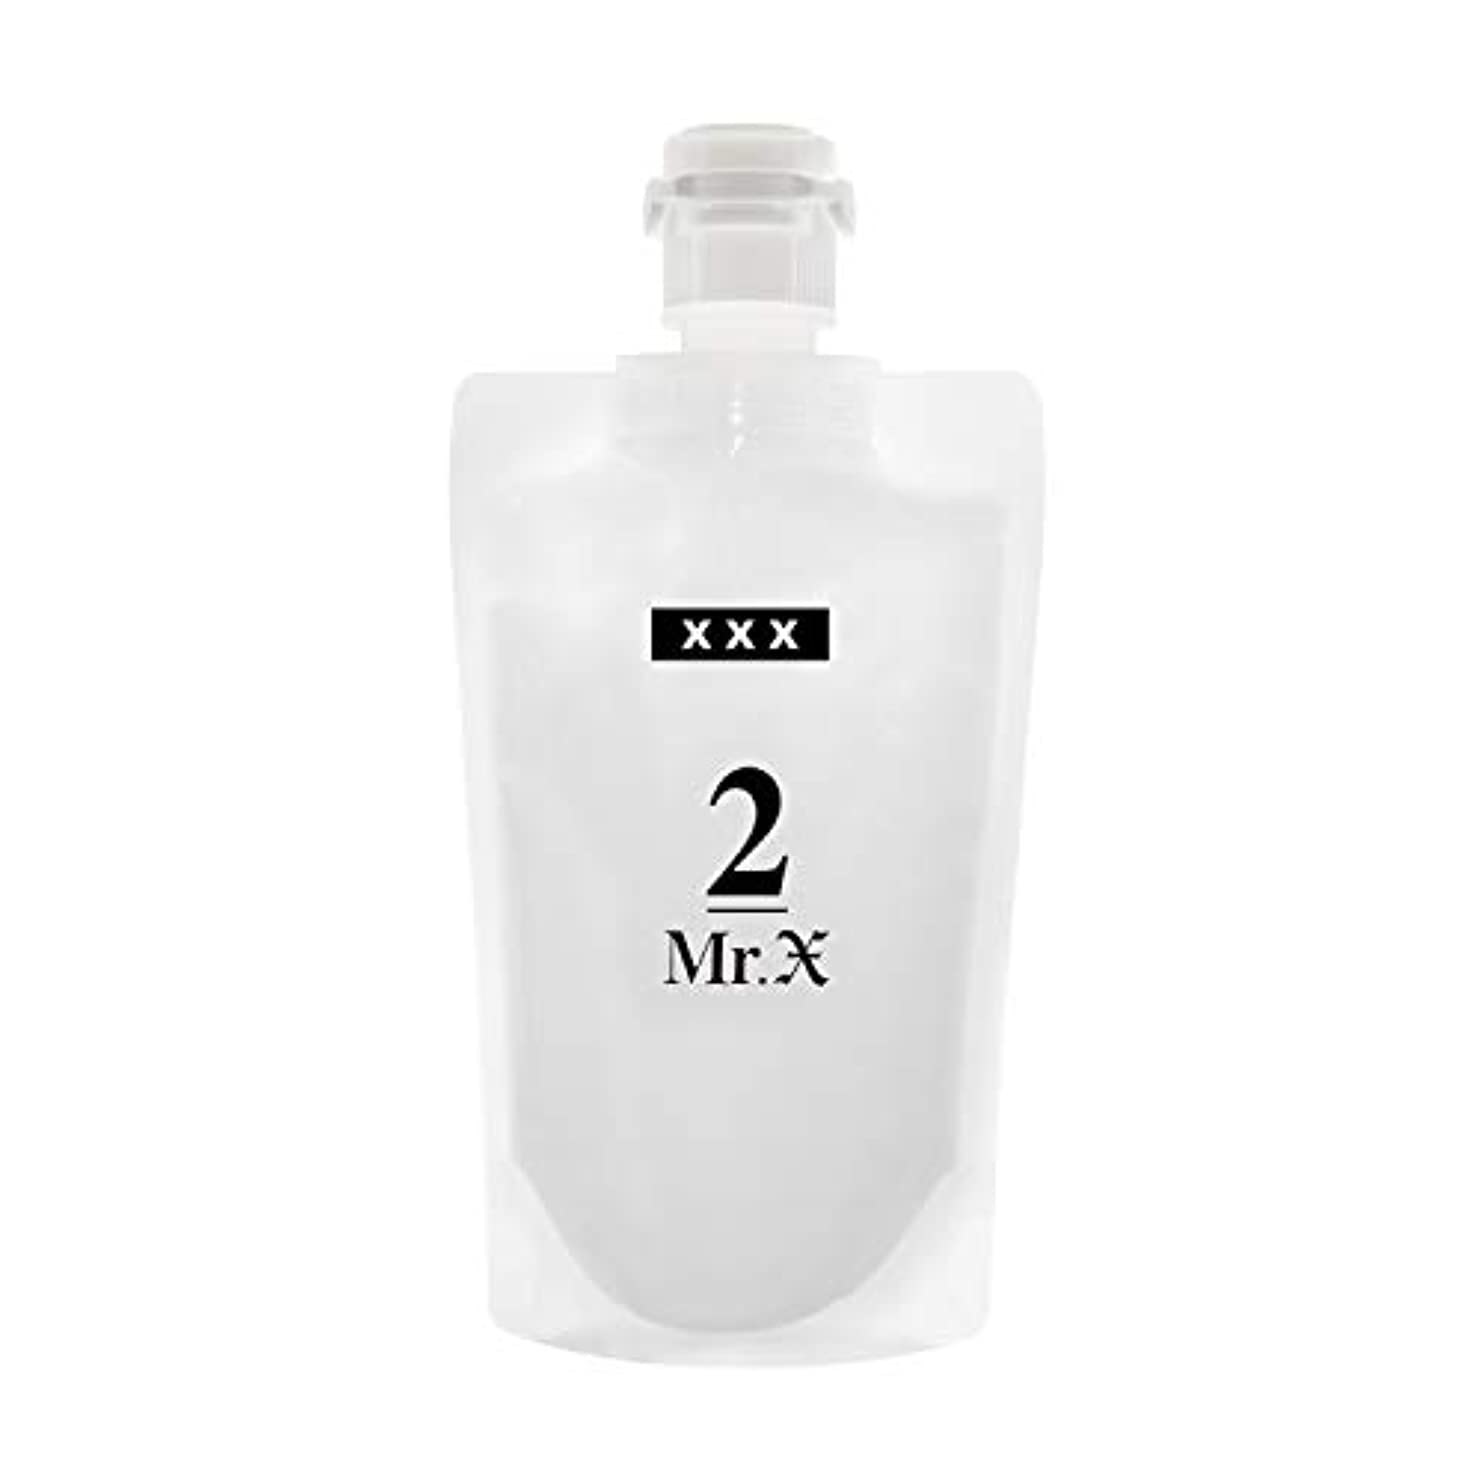 滑りやすいカートリッジ鮮やかなMr.X 「2」MILKY LOTION ミスターエックス ミルキーローション (乳液) 130g メンズスキンケア